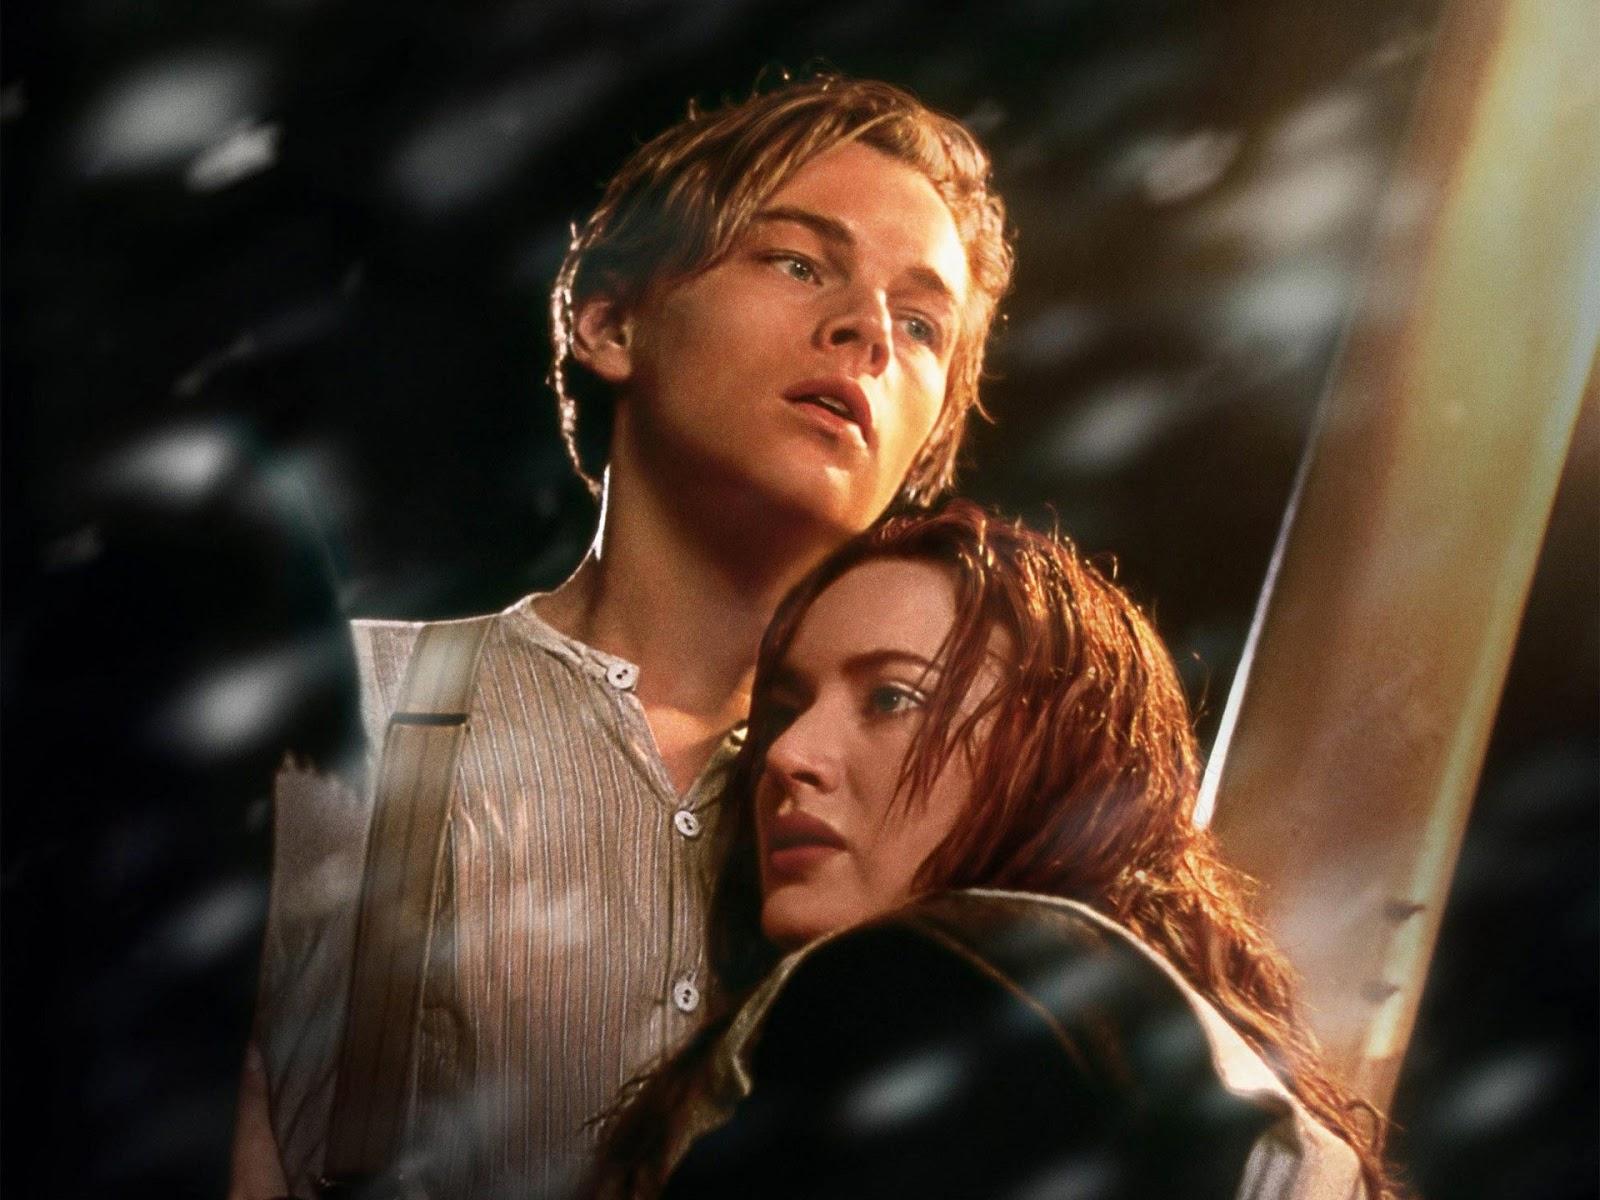 http://4.bp.blogspot.com/-SeBEdEilASg/UQms_IQz40I/AAAAAAAAvZw/xSXL5Vg126E/s1600/Leonardo-DiCaprio-and-Kate-Winslet.jpg